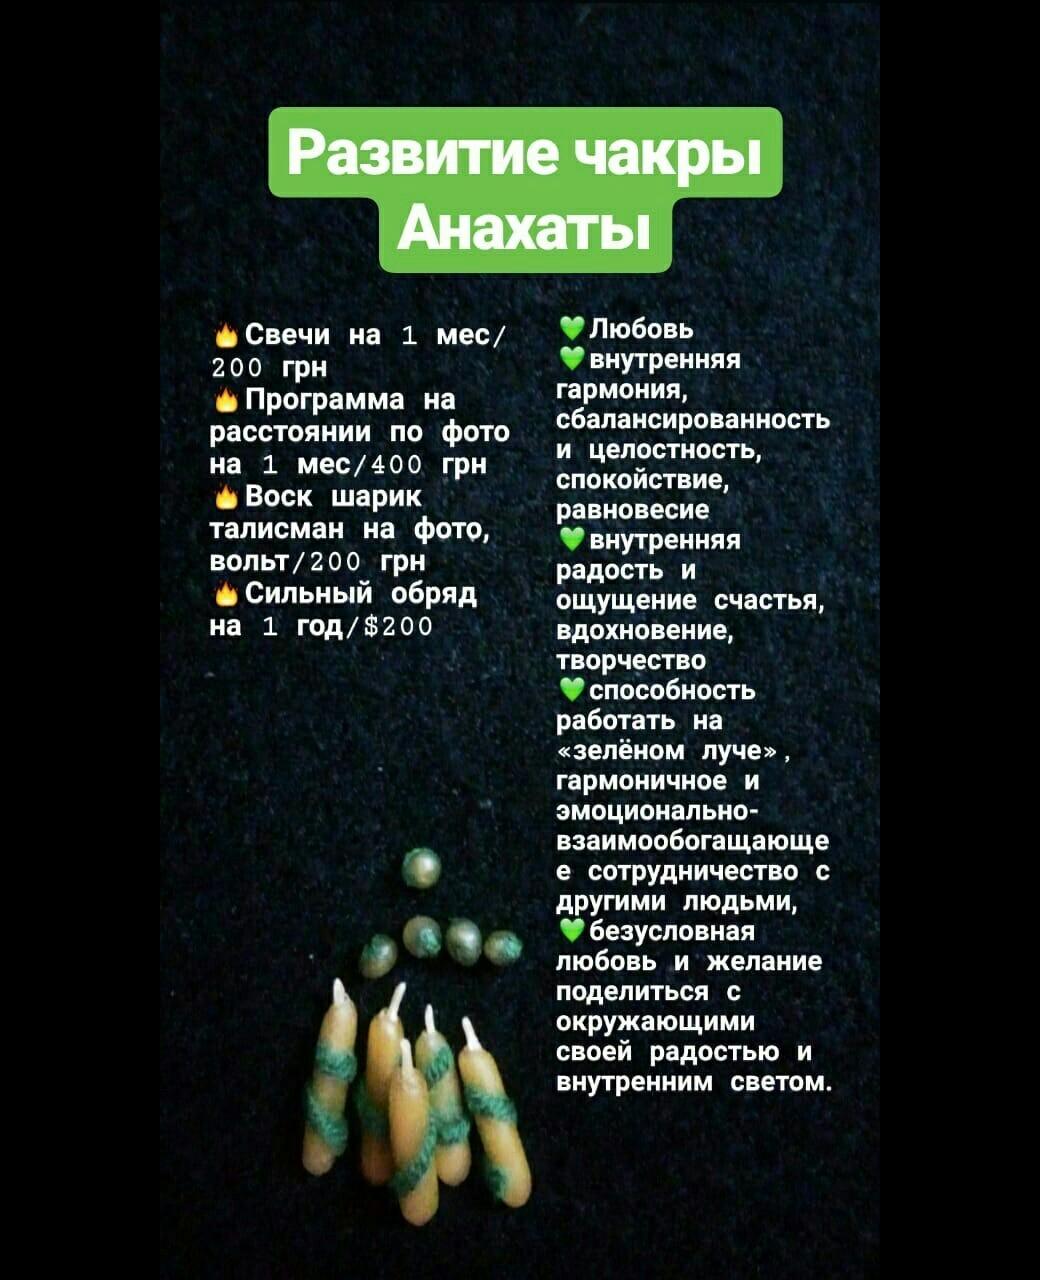 Хештег анахата на   Салон Магии и мистики Елены Руденко ( Валтеи ). Киев ,тел: 0506251562  QqIHDzCRuyU